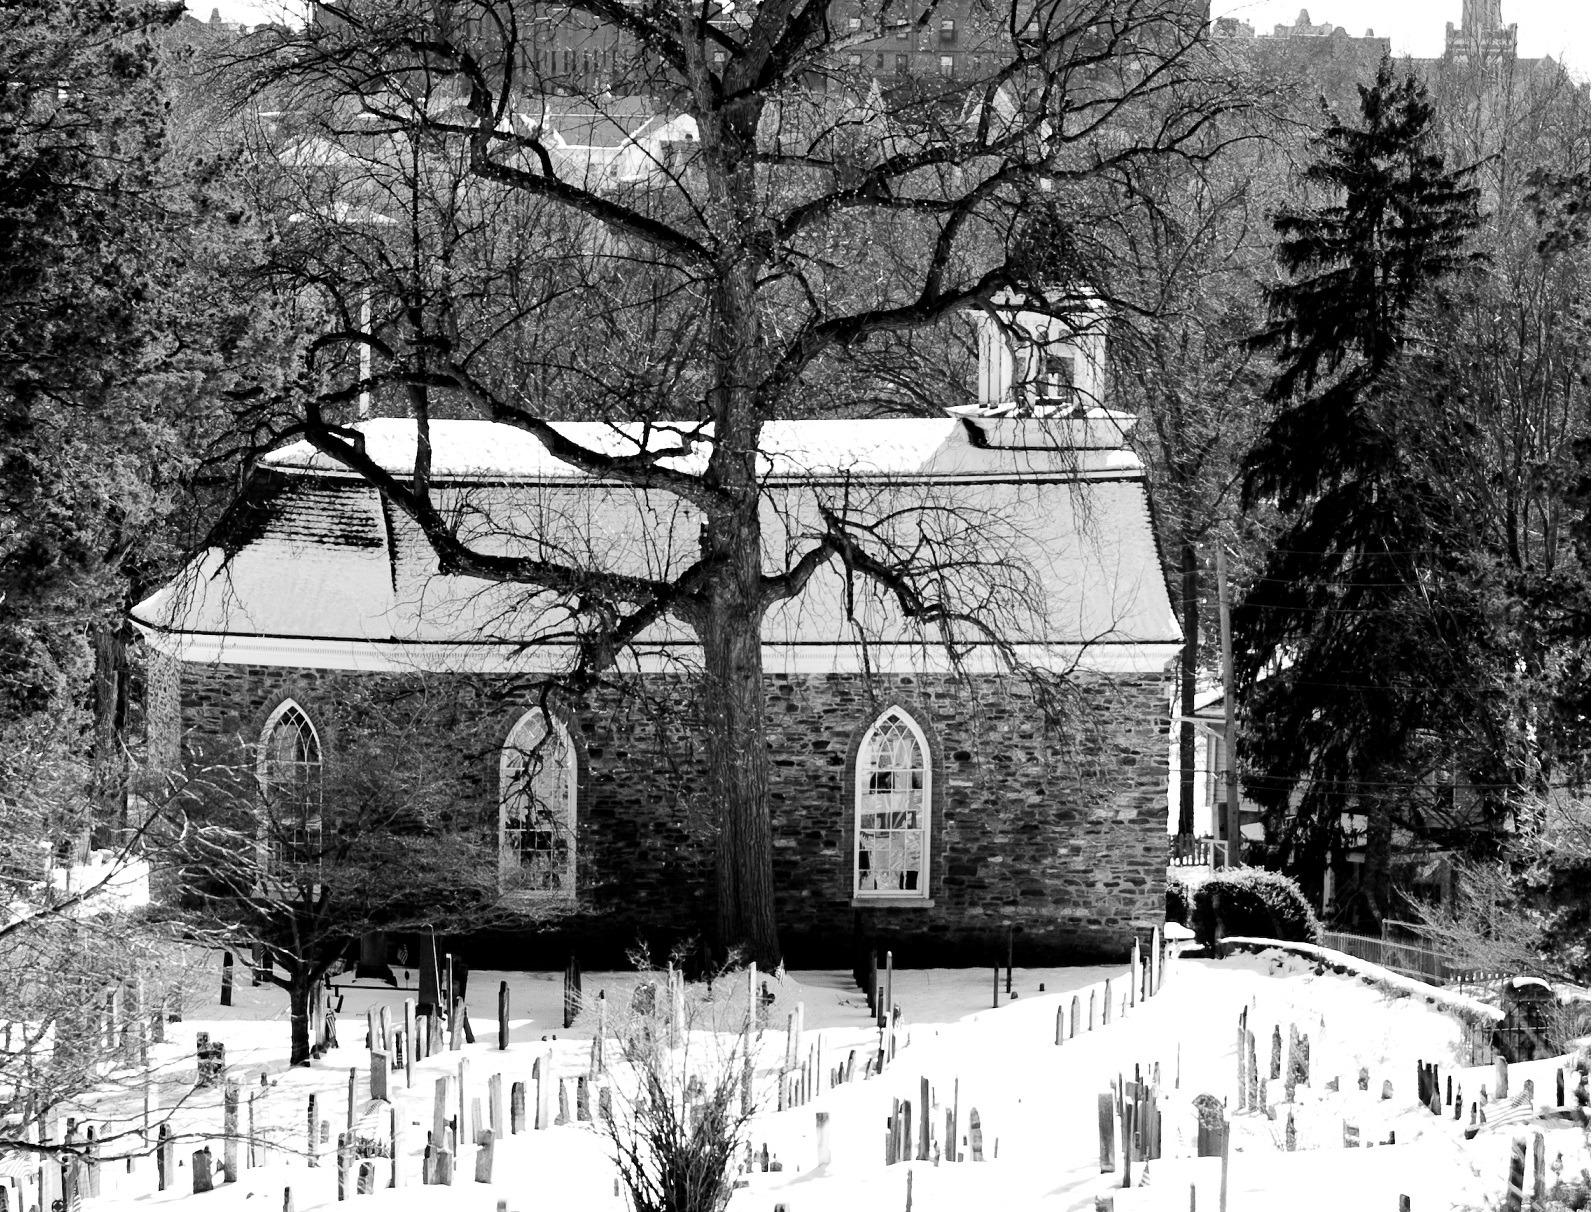 Old Dutch Church, Sleepy Hollow